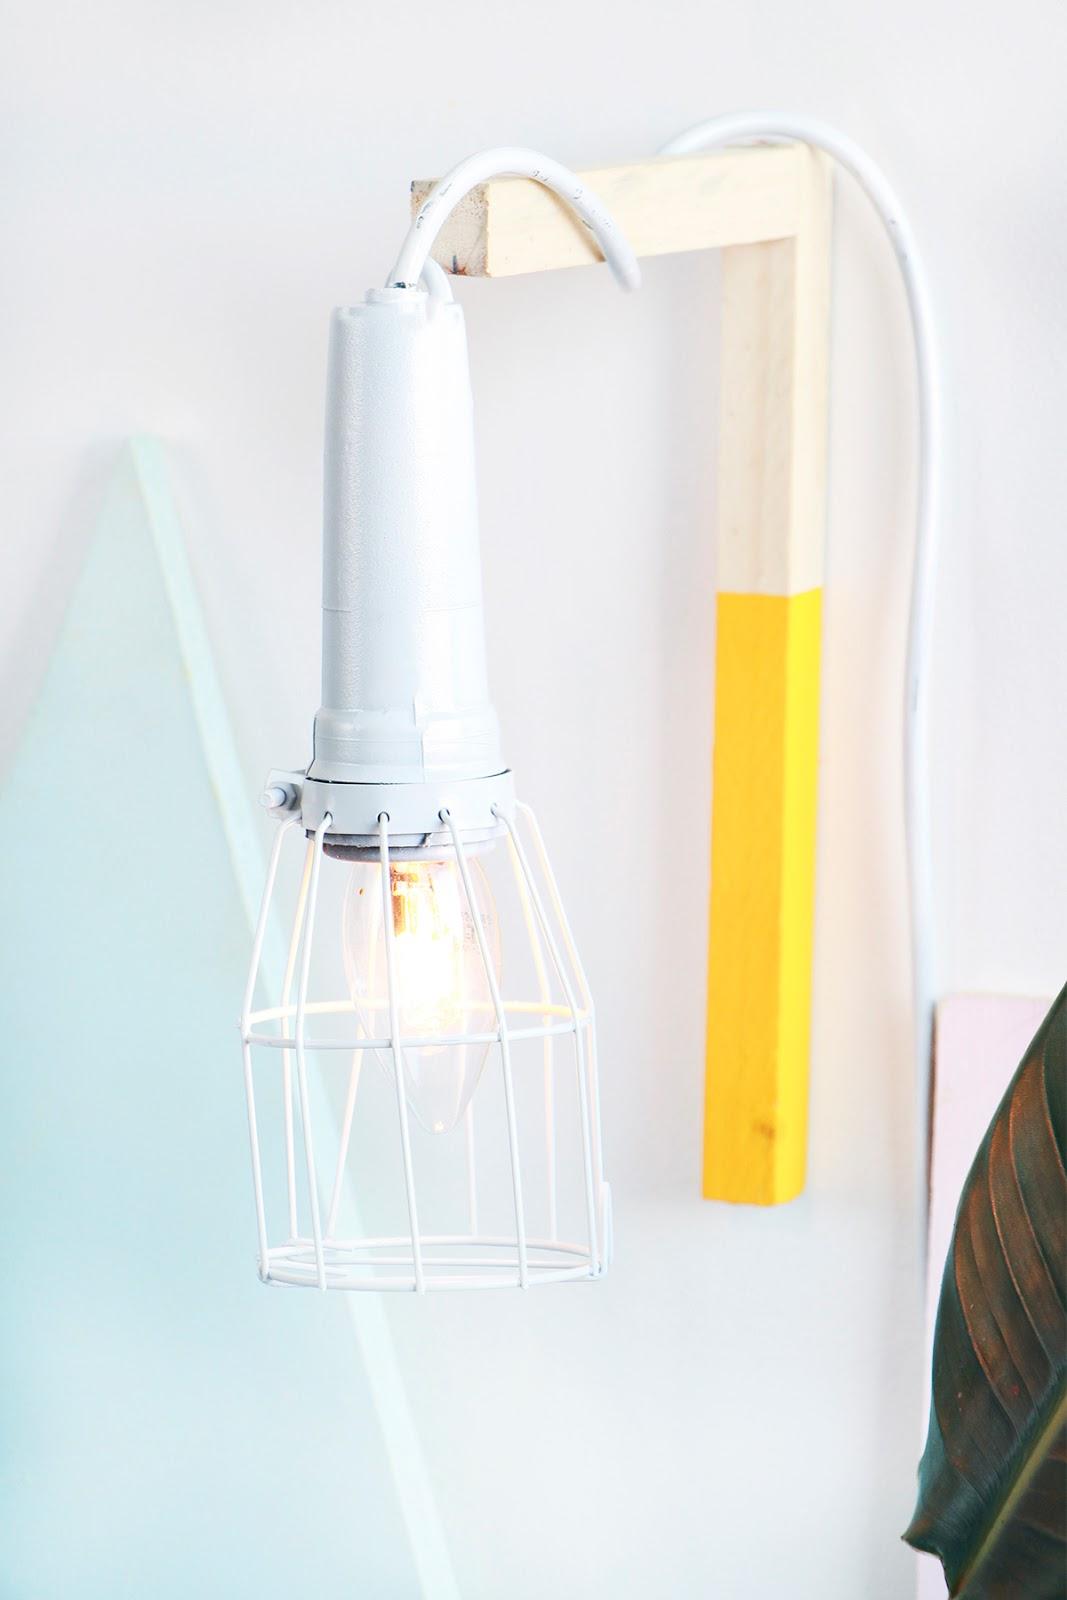 luminaria pendente gaiola aramado DIY faca voce mesmo